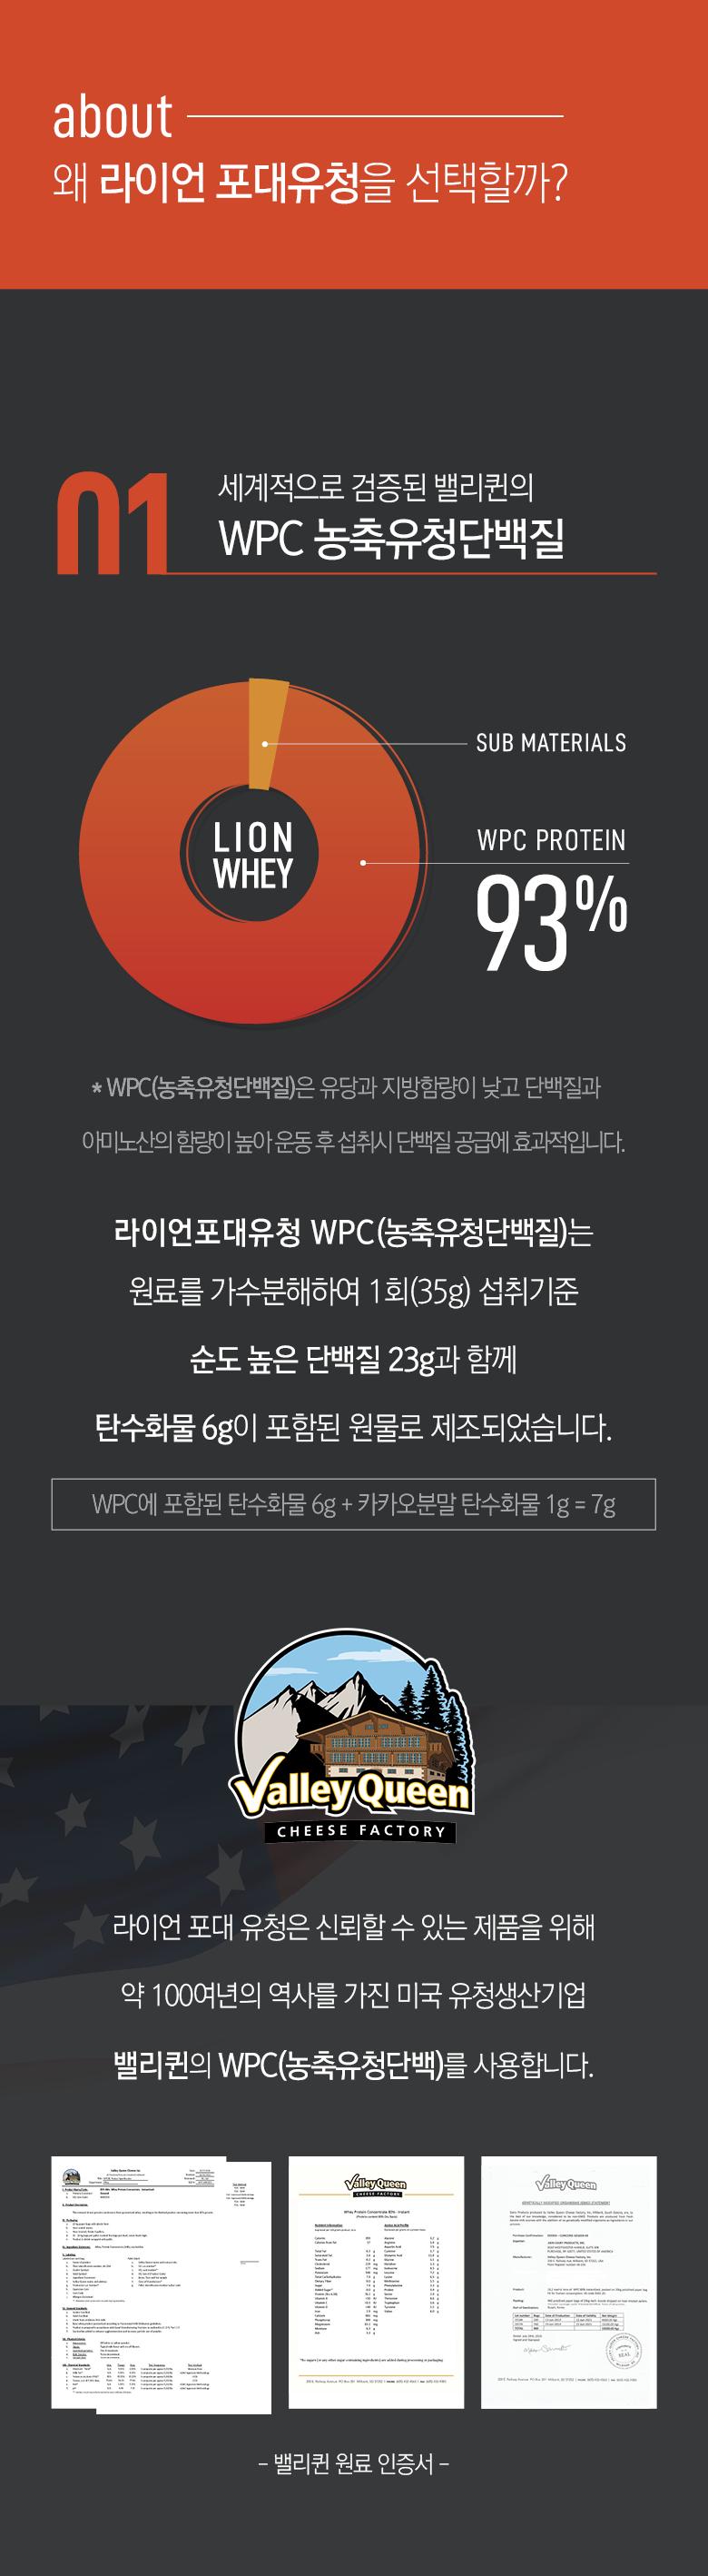 포인트_wpc